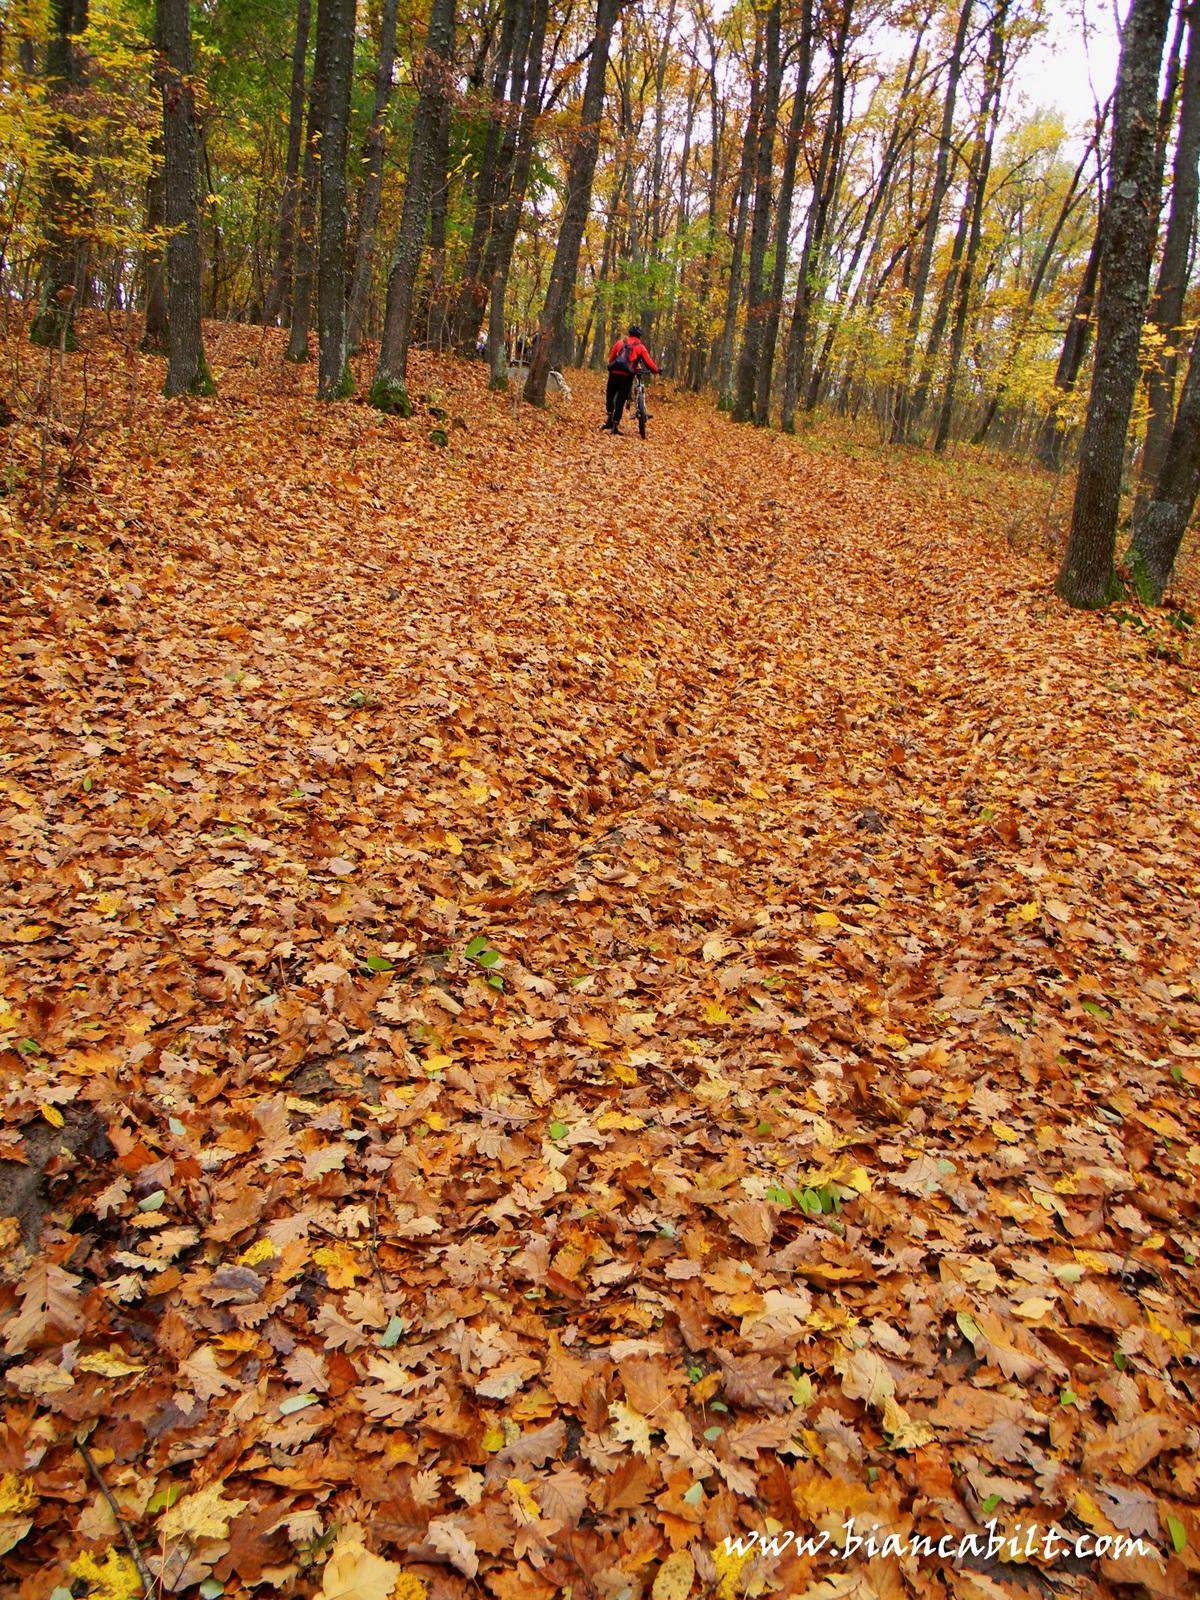 Urmează o urcare prin pădure...susținută dar super drăguță, genul de urcări pe care eu le ador. Păcat că la un moment a trebuit să mă dau jos căci era un teren mult pre accidentat și cu prea mult noroi să mă lase să continui, dar nu a ținut mult.